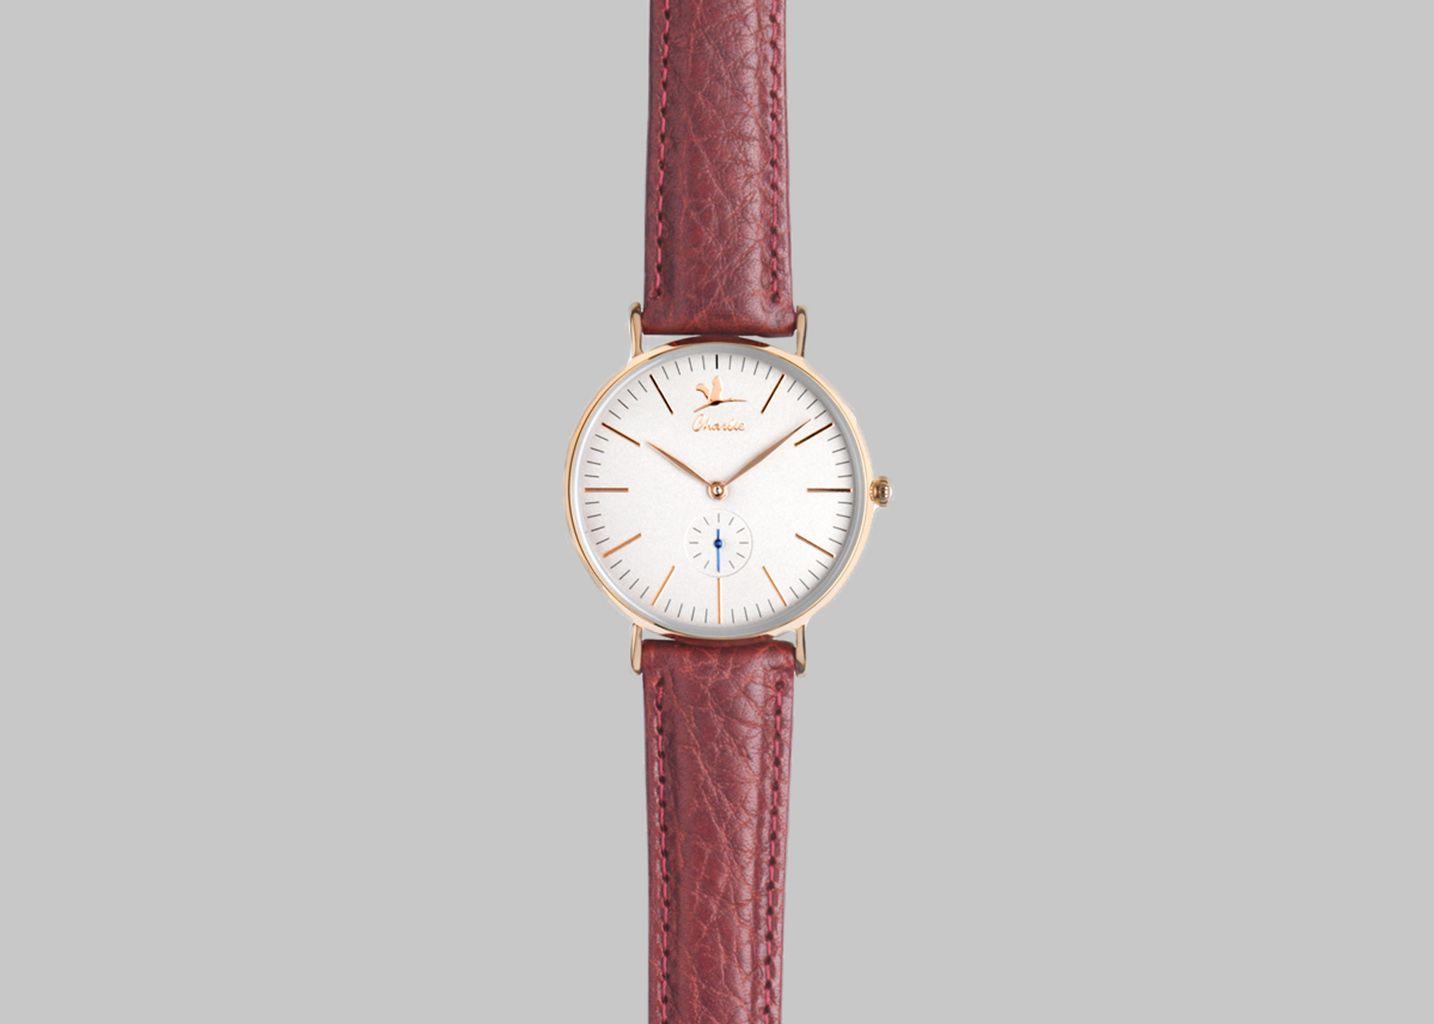 Montre La Monet - Charlie Watch